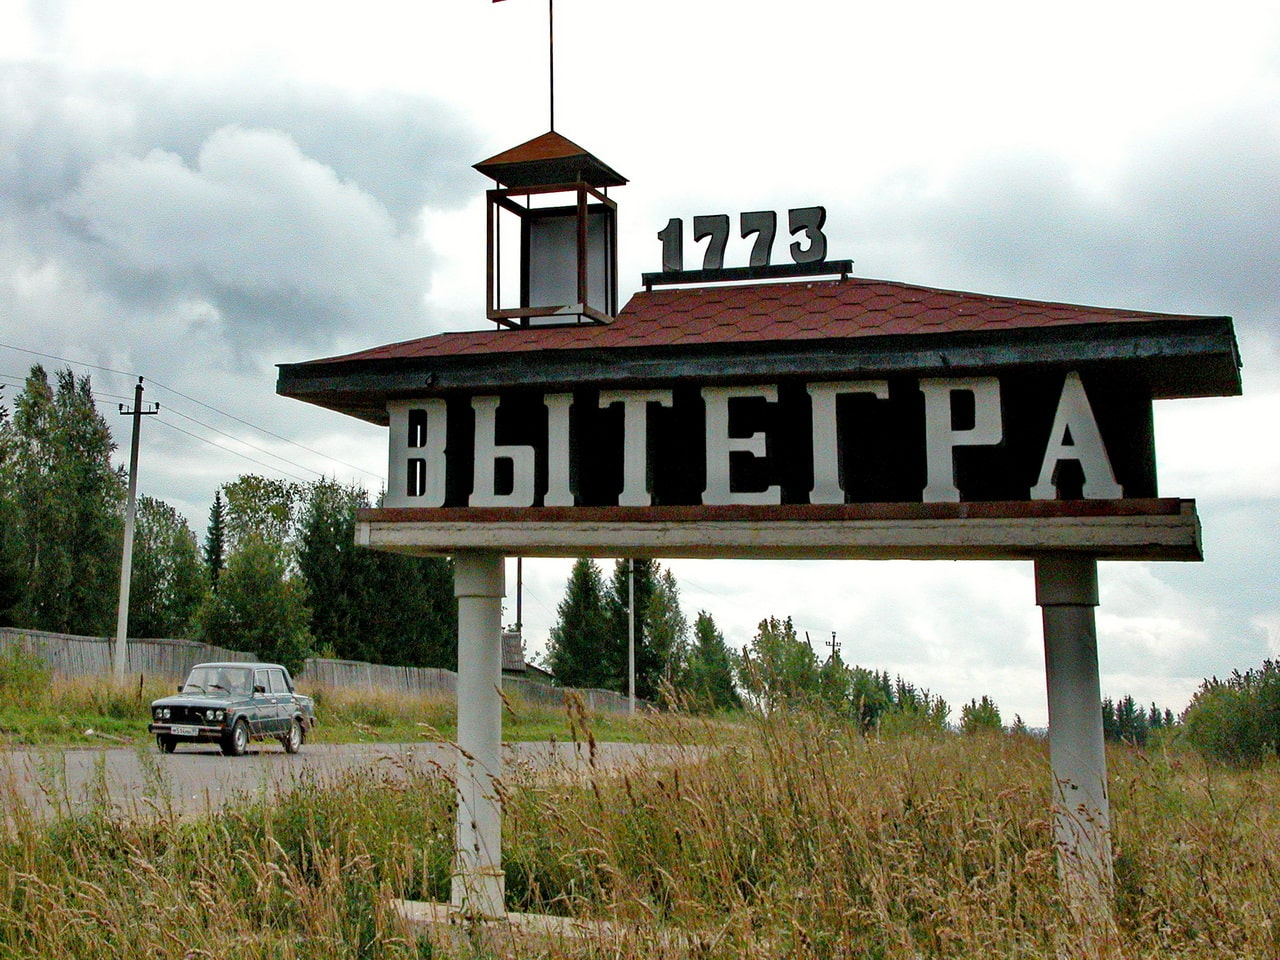 В 1773 году поселению был присвоен статус уездного центра и дано название Вытегра